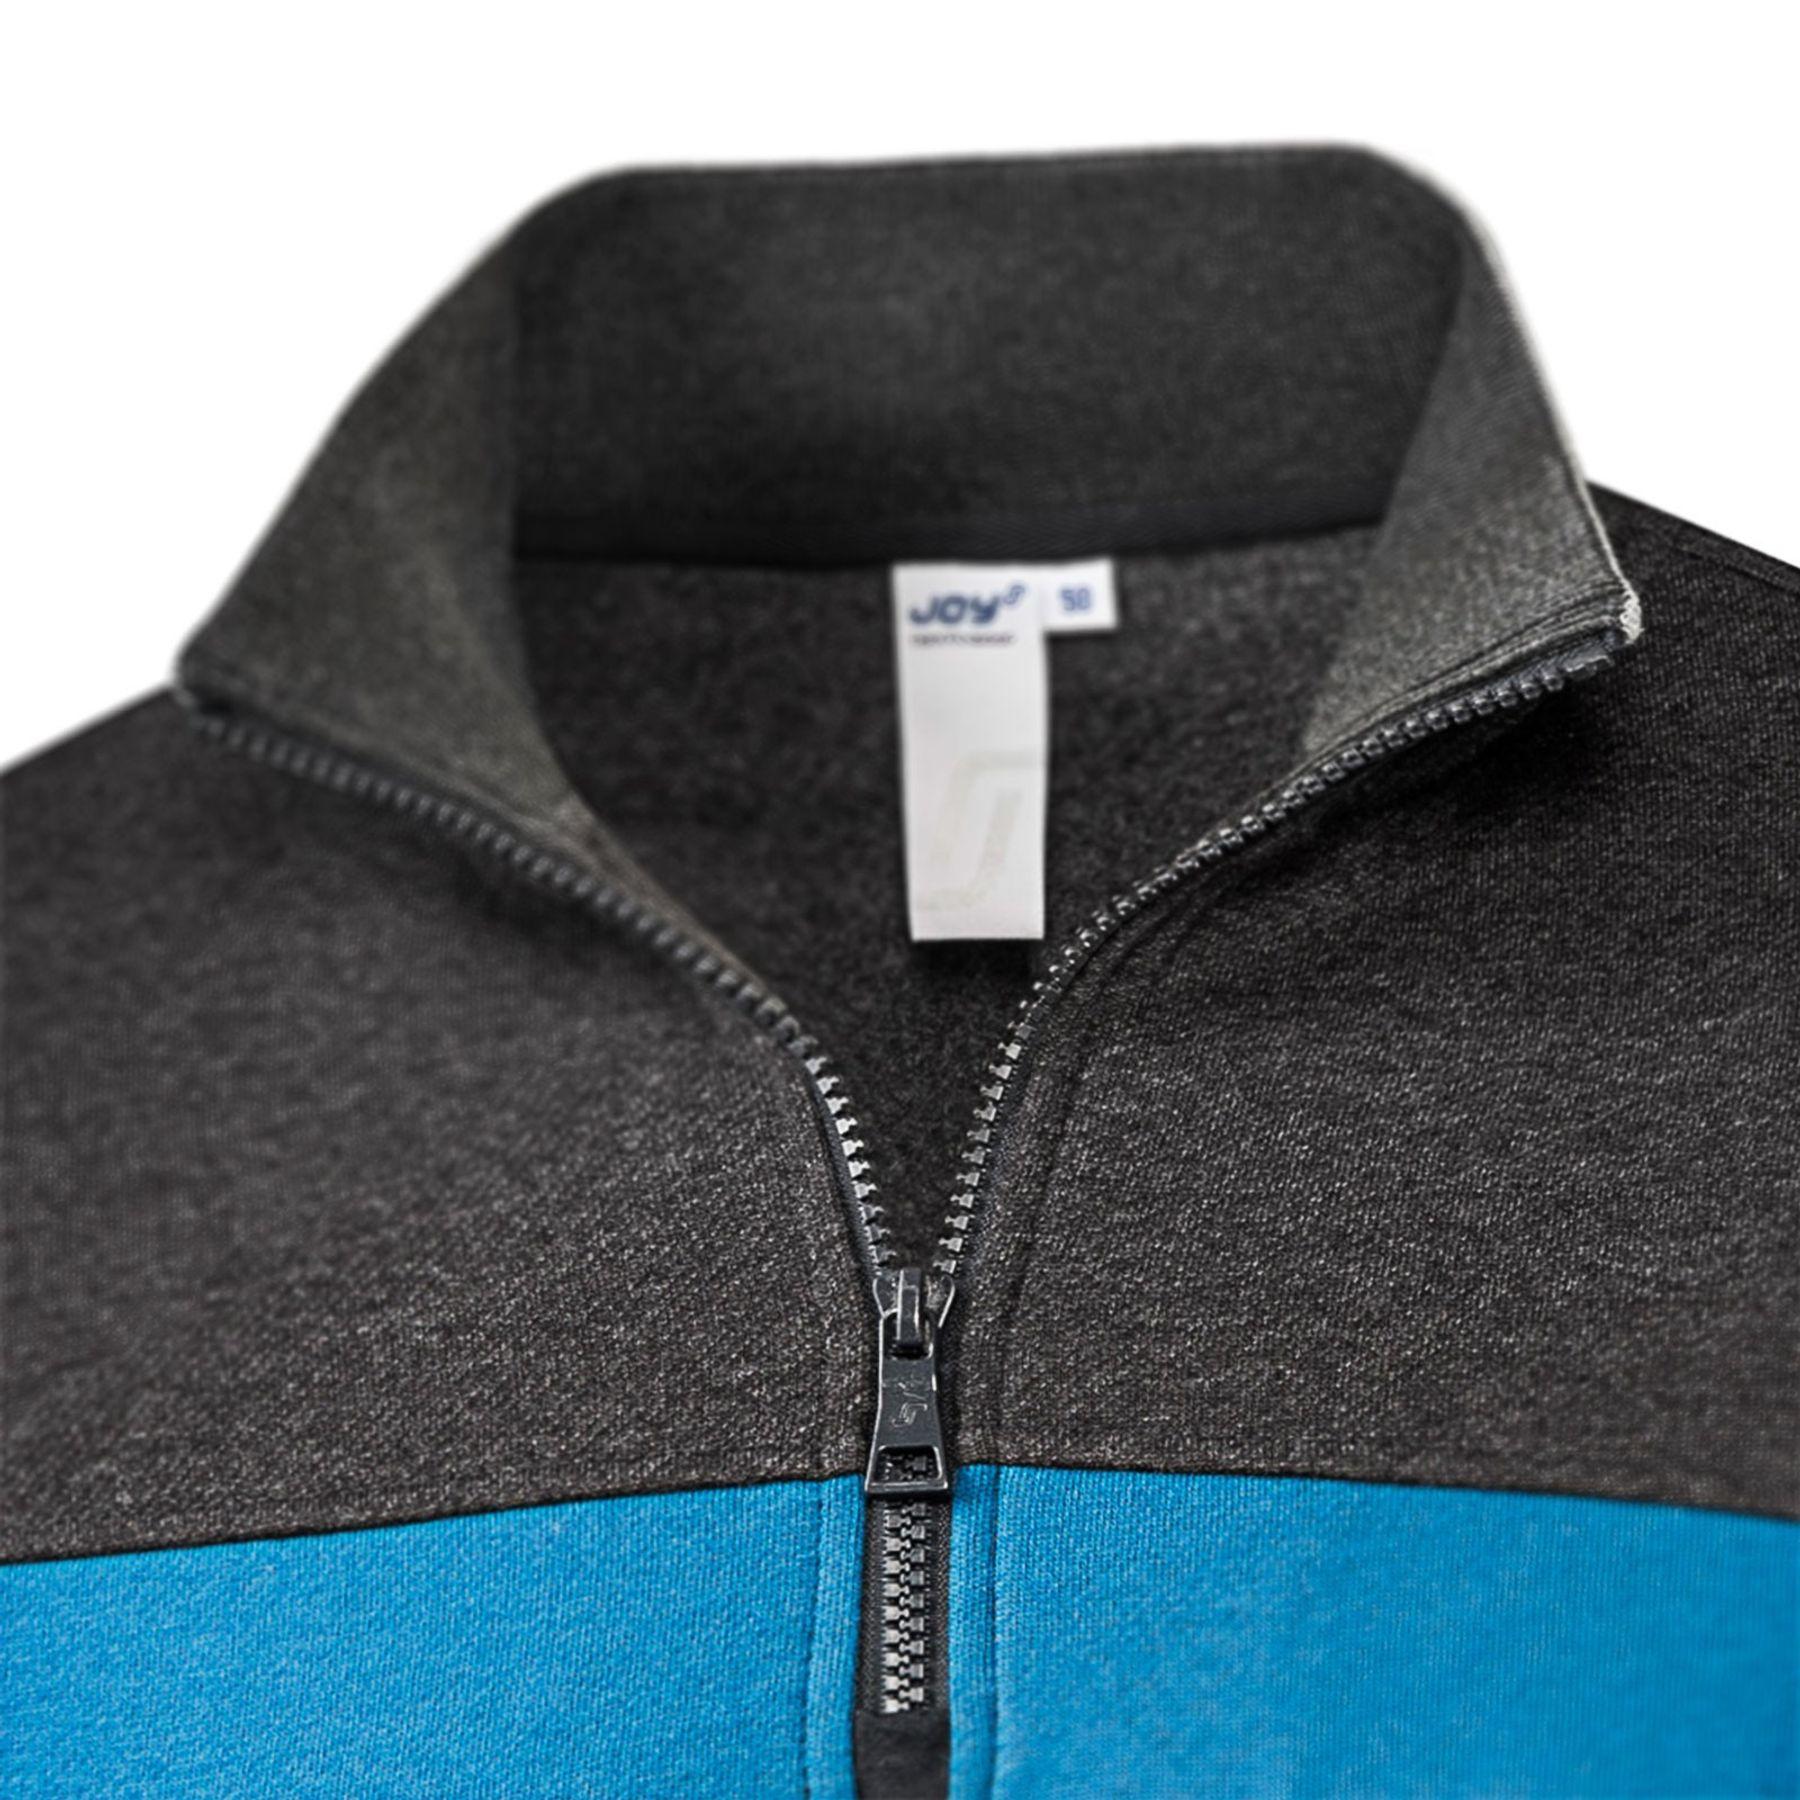 Joy - Herren Sport und Freizeit Sweatshirt mit Brusttasche, Kenny (40246) – Bild 4